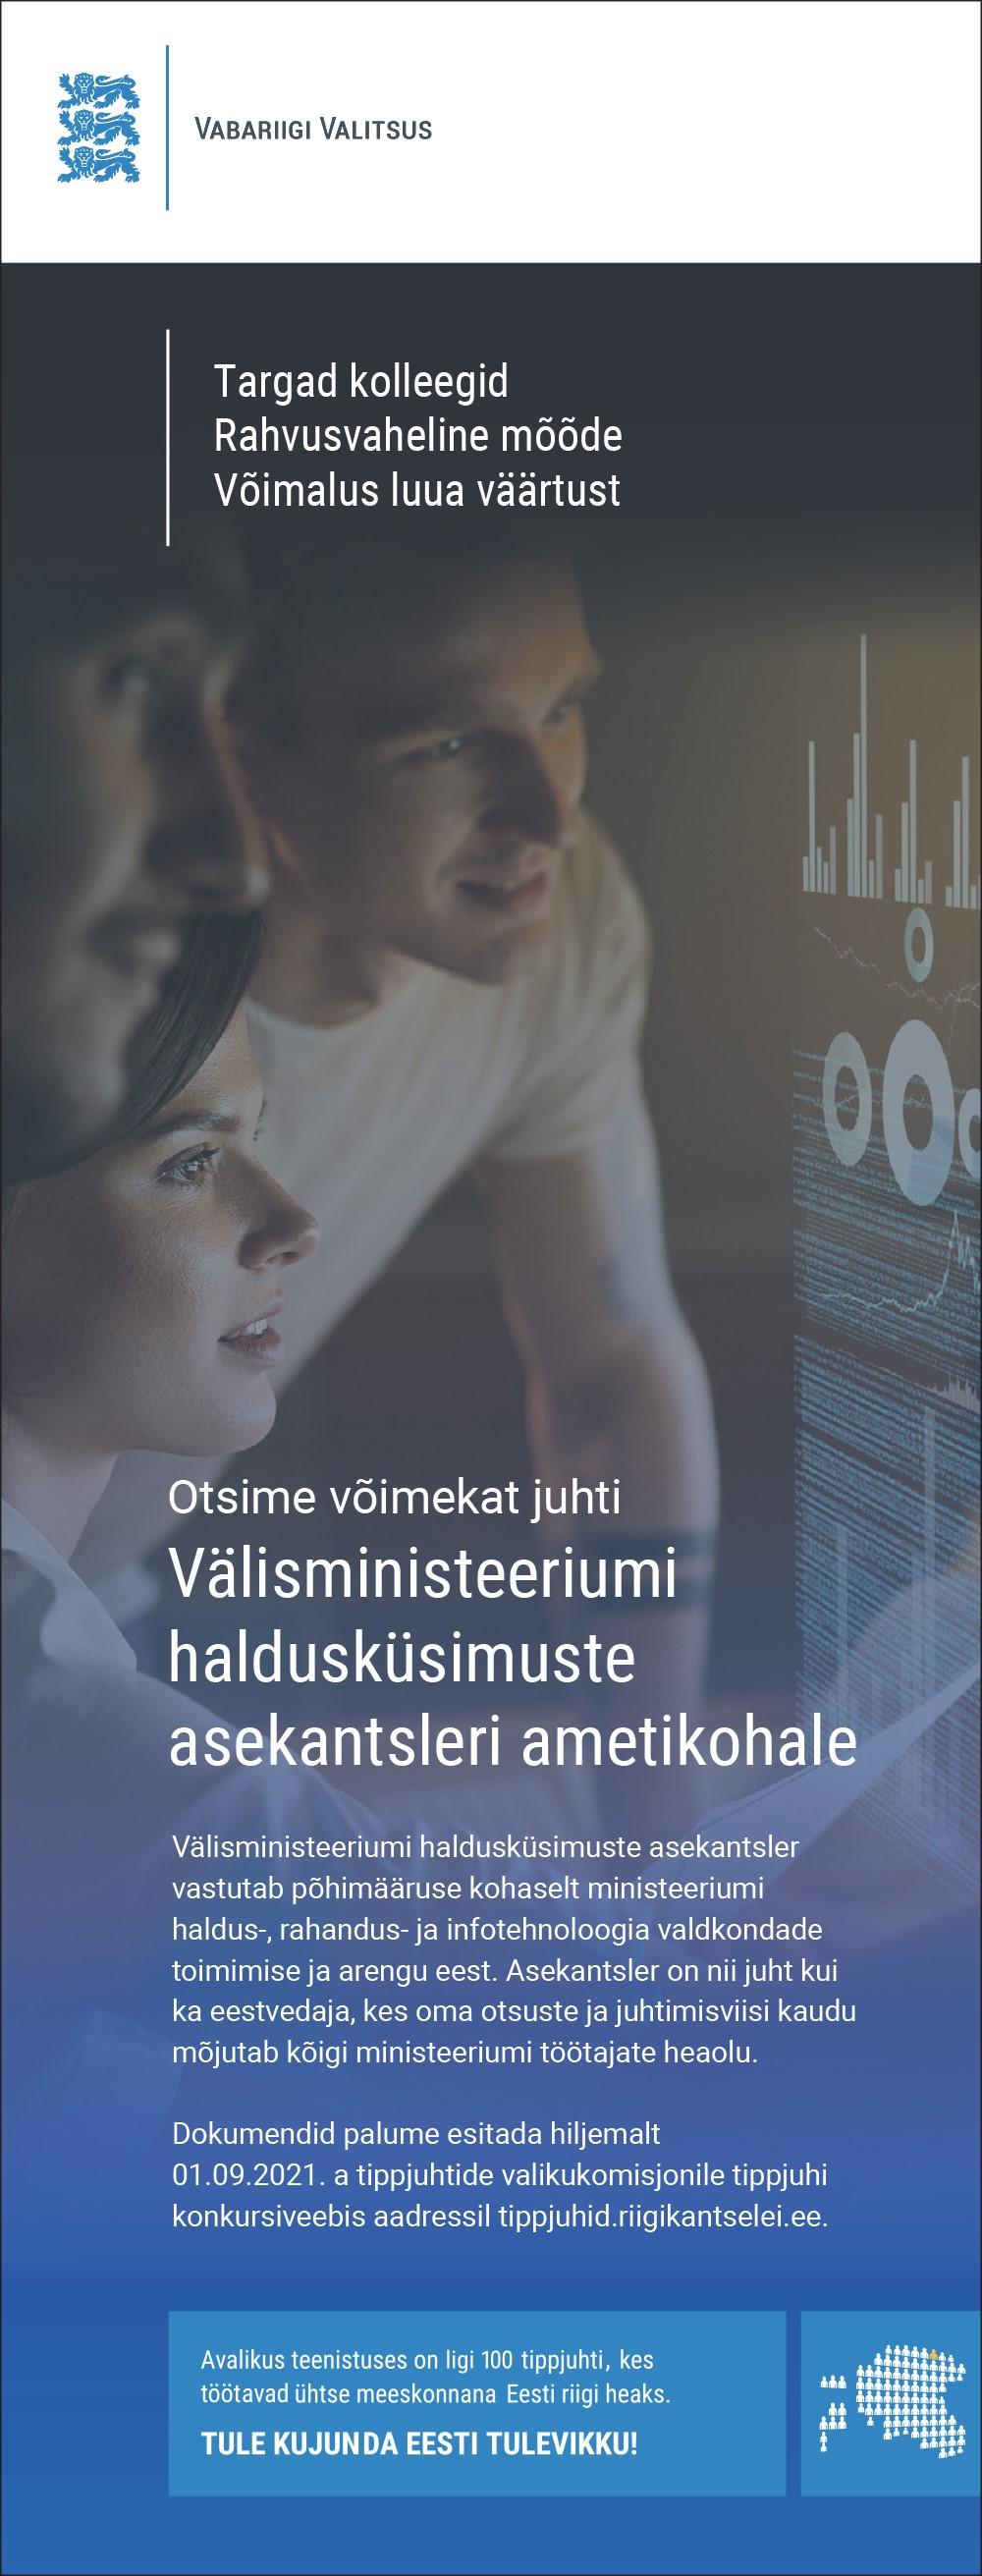 VÄLISMINISTEERIUMI HALDUSKÜSIMUSTE ASEKANTSLER